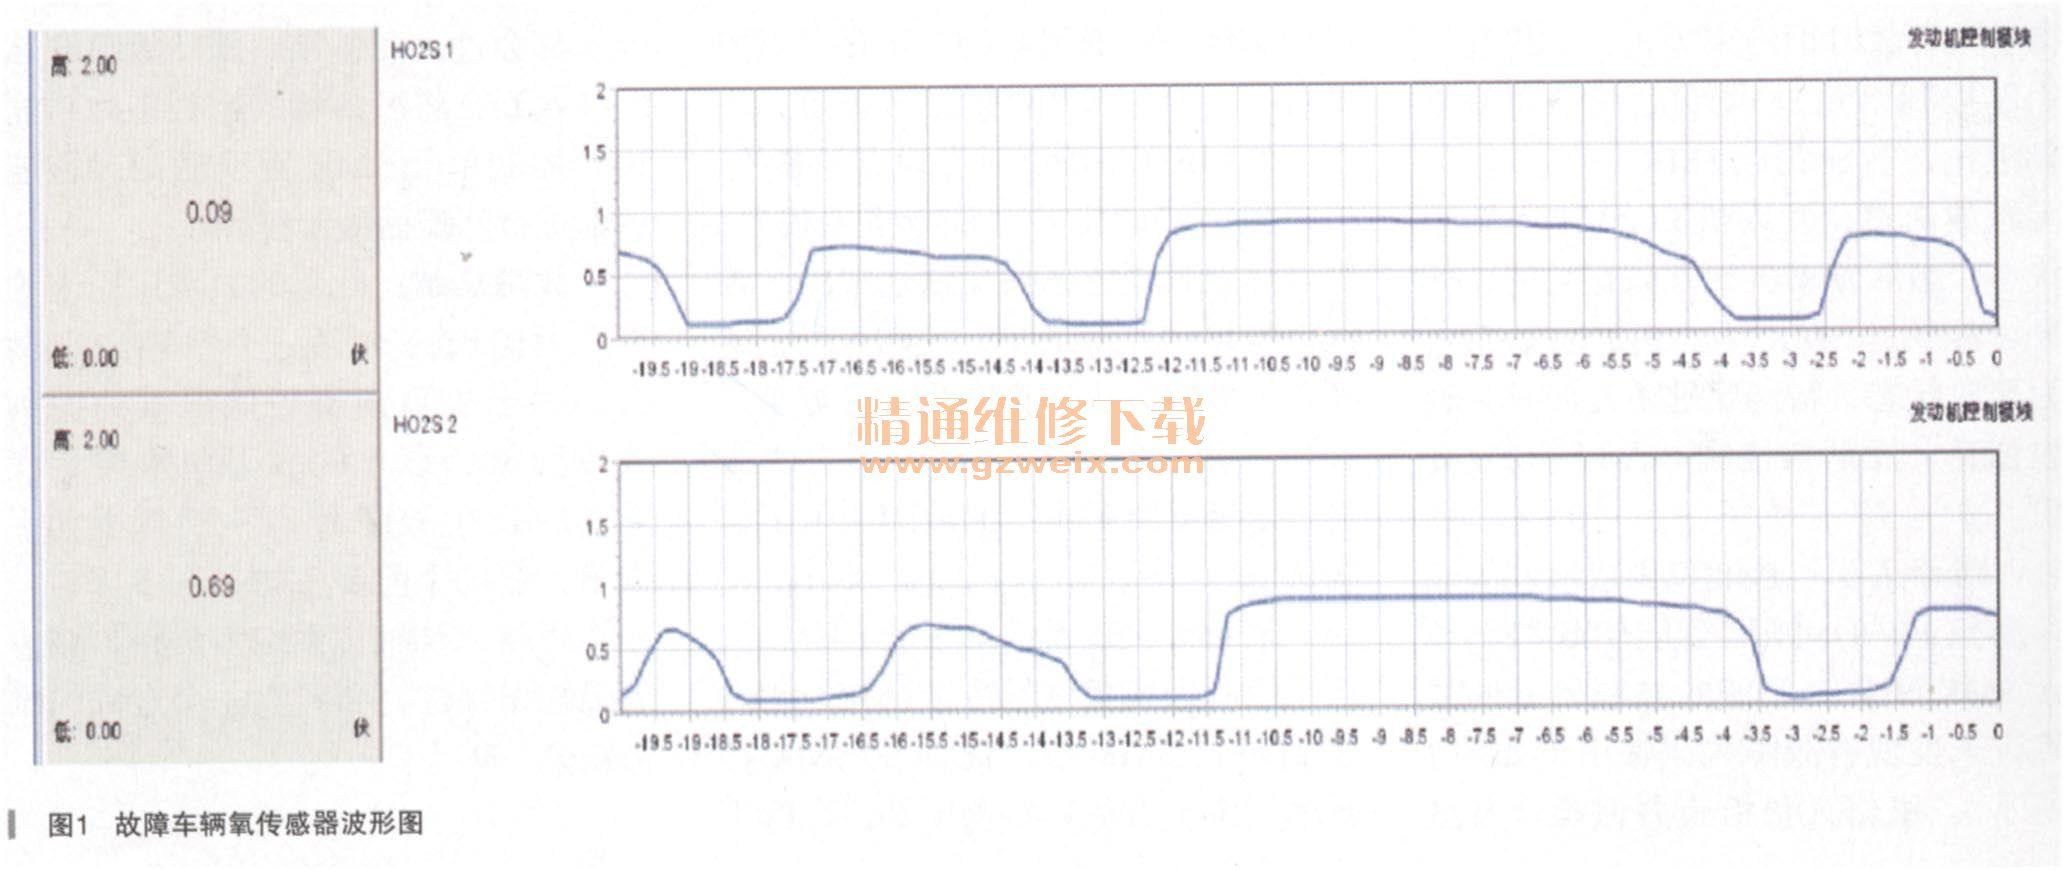 雪佛兰科鲁兹1.6t发动机故障灯常亮